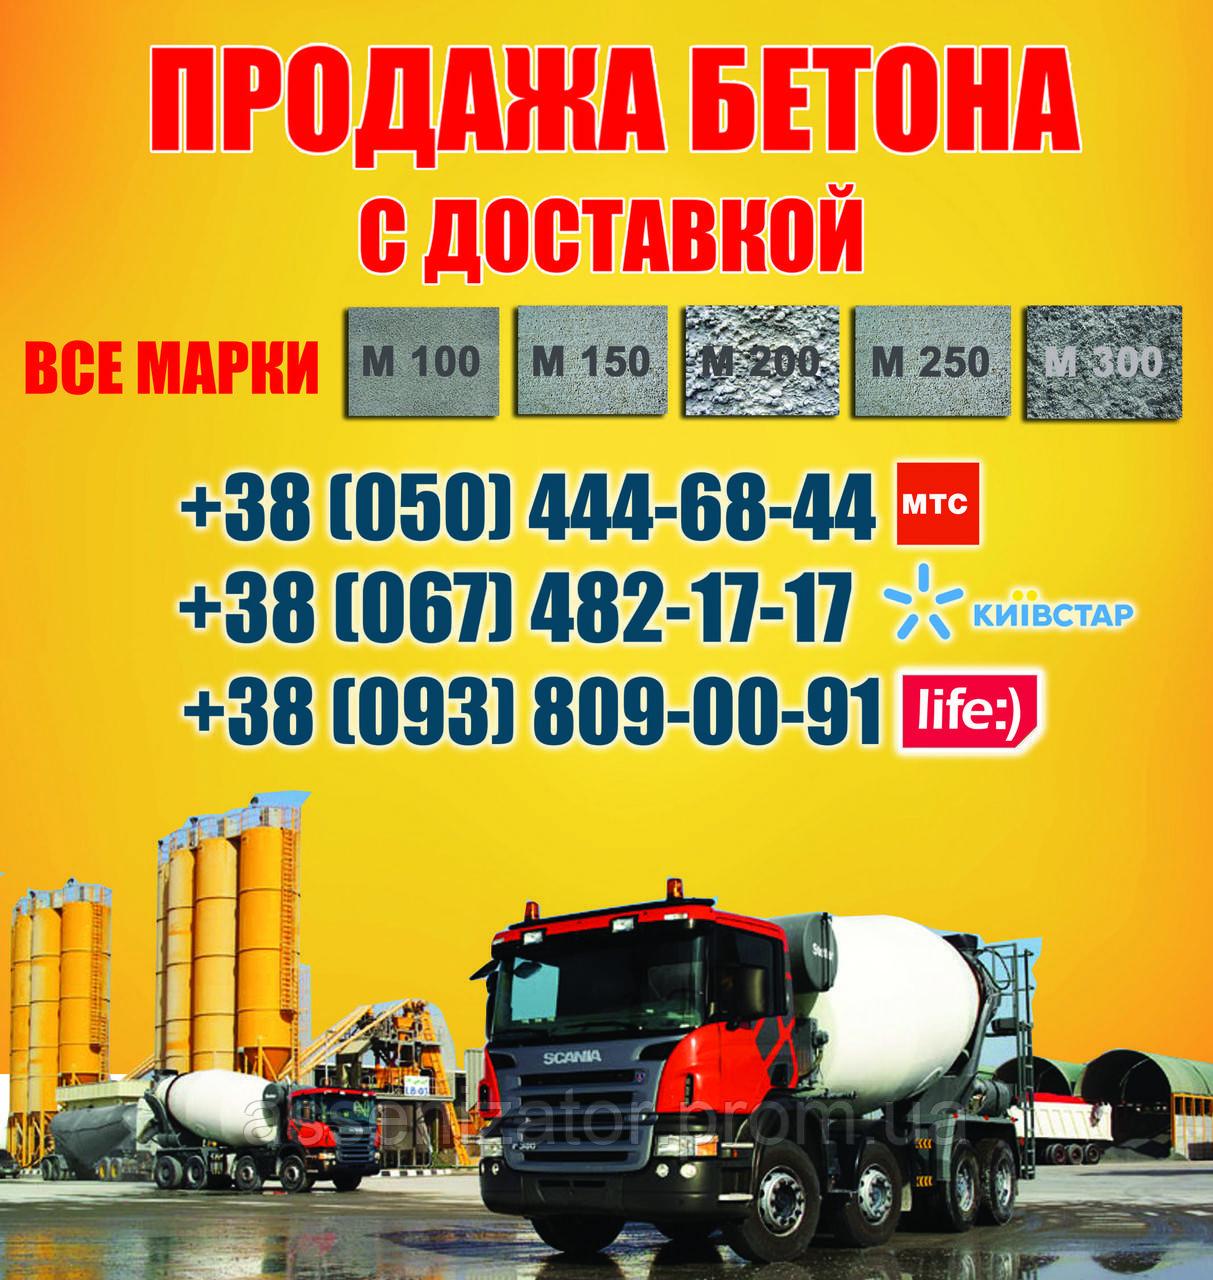 Купить бетон в липецке с доставкой цена за куб вибратор для бетона с 800 купить